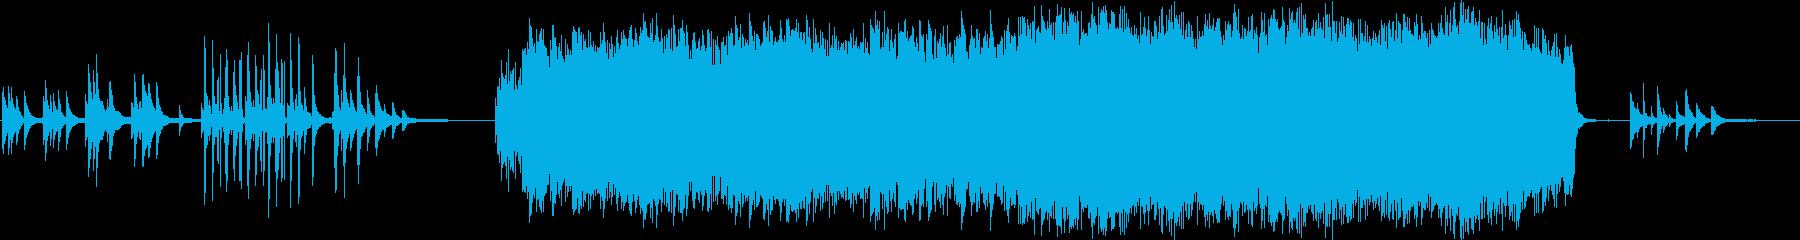 草原広がる近未来のクラシック曲の再生済みの波形